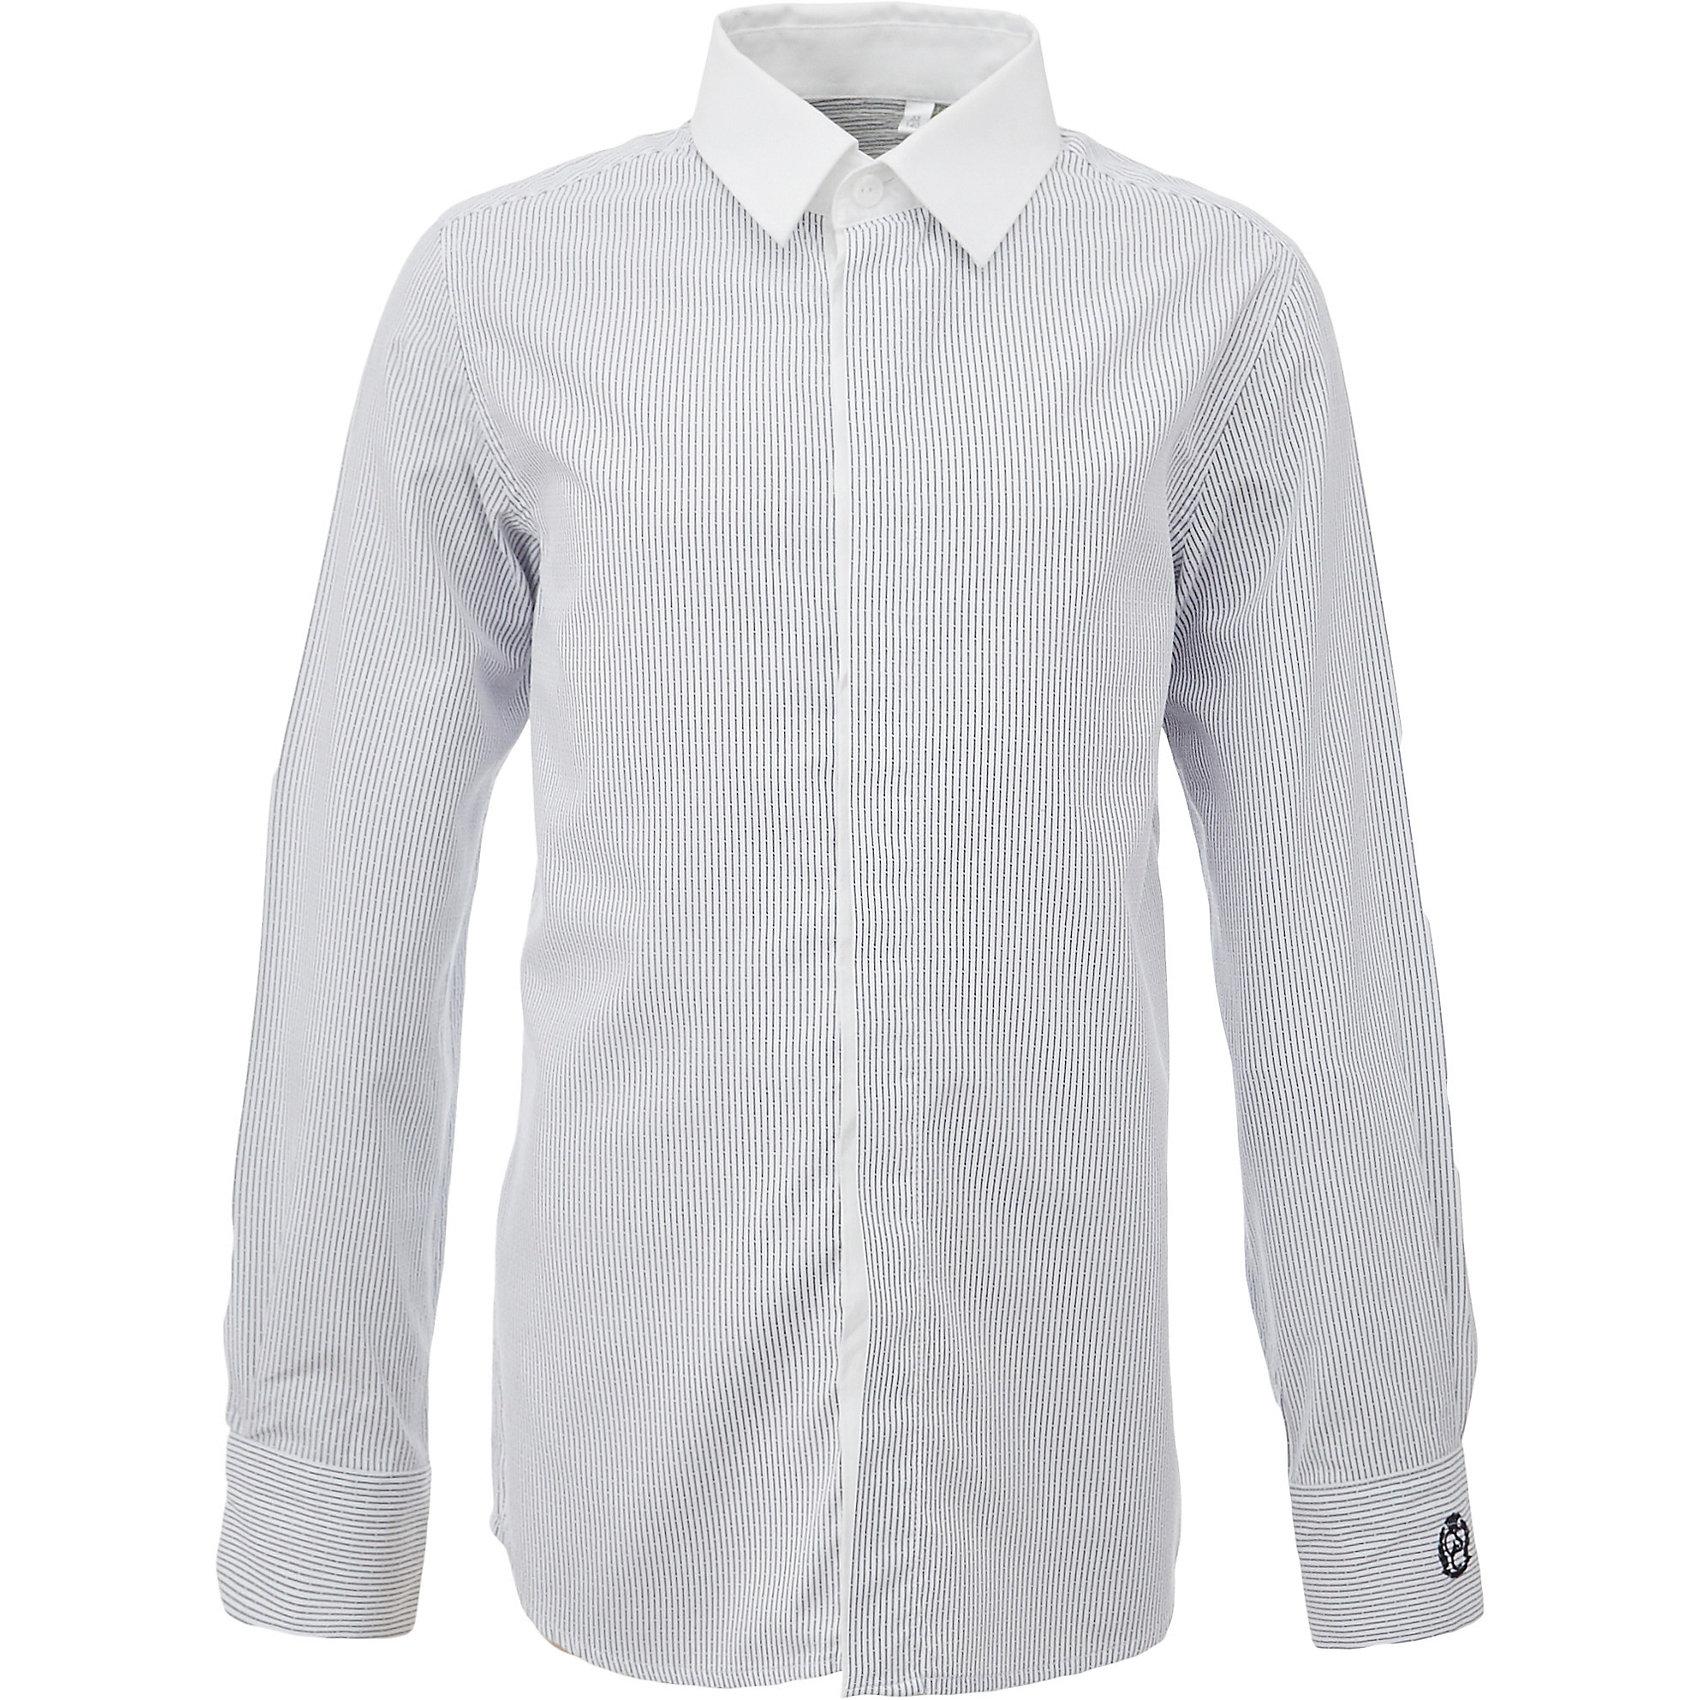 Рубашка для мальчика GulliverБлузки и рубашки<br>При всем богатстве выбора, купить рубашку для мальчика высокого качества не очень просто. Школьная рубашка должна отлично выглядеть, хорошо сидеть, соответствовать актуальной форме, быть всегда свежей, выглаженной и опрятной. Именно поэтому состав, плотность и текстура материала имеют большое значение! Рубашка в полоску - тренд сезона! Она не нарушает школьный дресс код, но делает повседневный look ярче и интереснее. Белый воротник, закрытая суппатная планка, деликатная фирменная вышивка на манжете придают модели индивидуальные черты. Хорошая школьная рубашка сделает каждый день ребенка комфортным.<br>Состав:<br>80% хлопок          20% полиэстер<br><br>Ширина мм: 174<br>Глубина мм: 10<br>Высота мм: 169<br>Вес г: 157<br>Цвет: серый<br>Возраст от месяцев: 168<br>Возраст до месяцев: 180<br>Пол: Мужской<br>Возраст: Детский<br>Размер: 170,122,128,134,140,146,152,158,164<br>SKU: 6678326